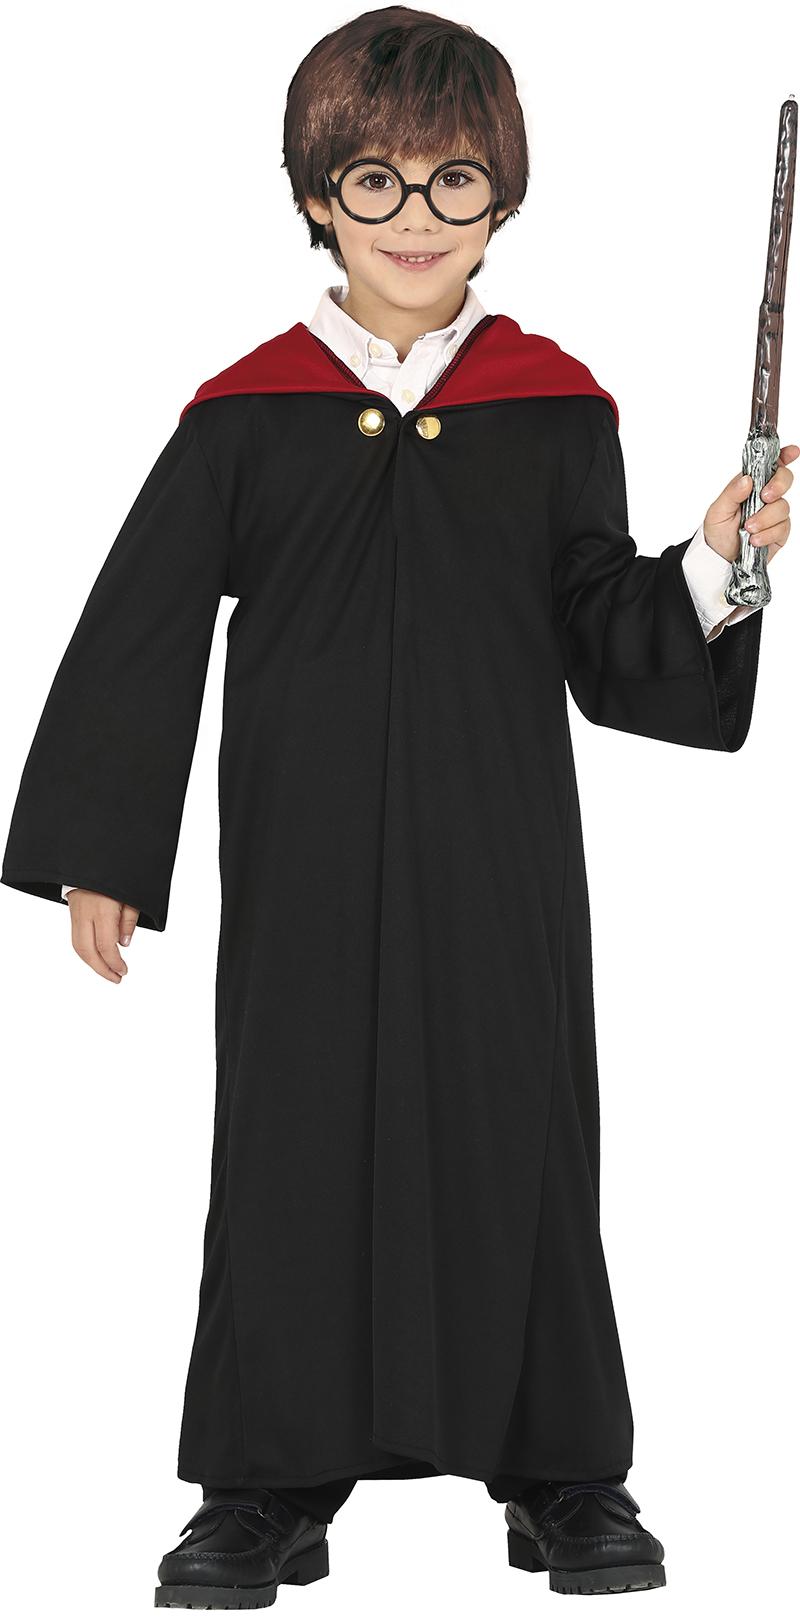 Guirca Detský kostým - Malý Harry Potter Veľkosť - deti: S